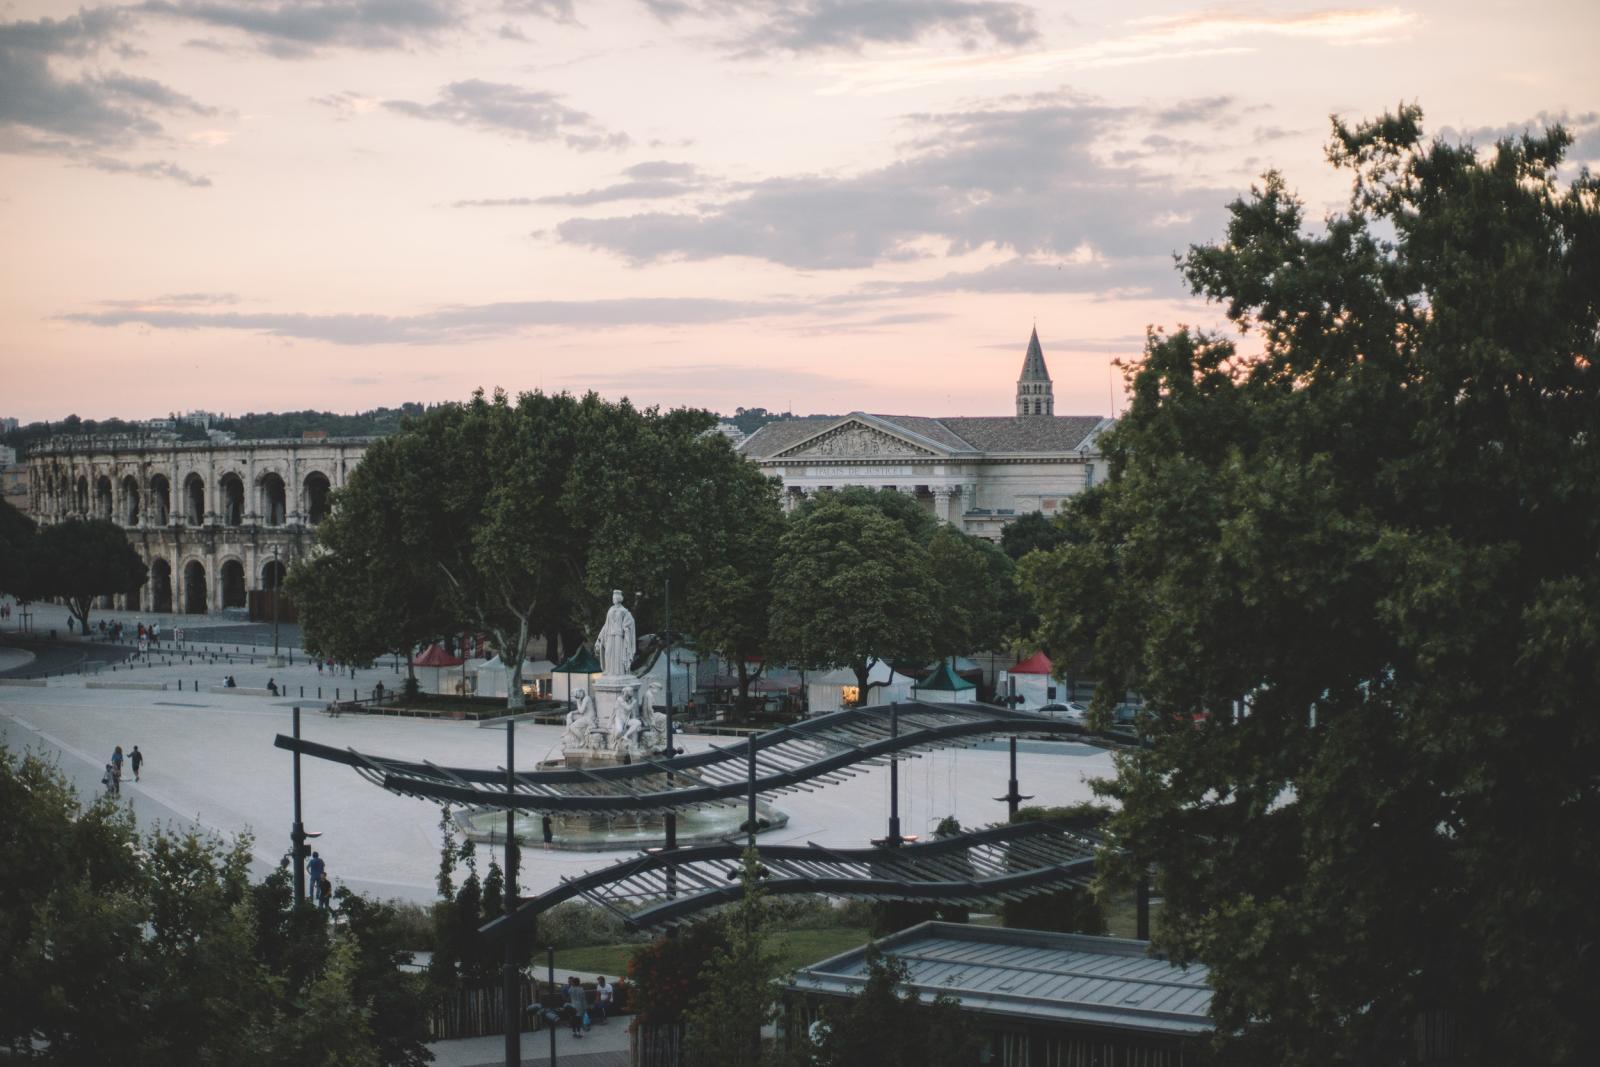 Vue sur les arènes de Nîmes depuis le logement Airbnb loué par DjSupertramp